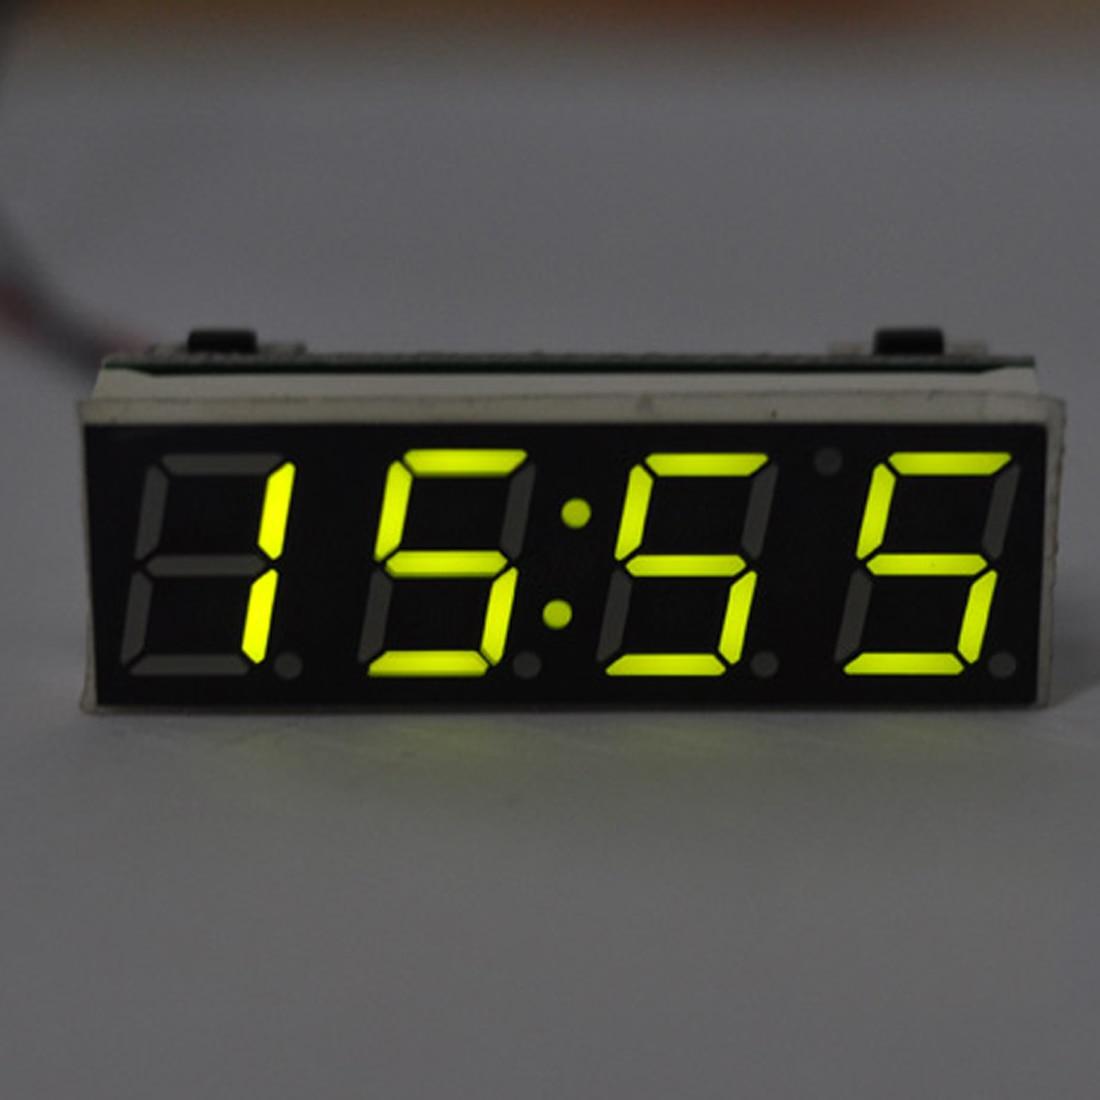 Reloj Digital 3 en 1 LED DIY temperatura y módulo de voltaje electrónico de alta precisión DC 7-20V